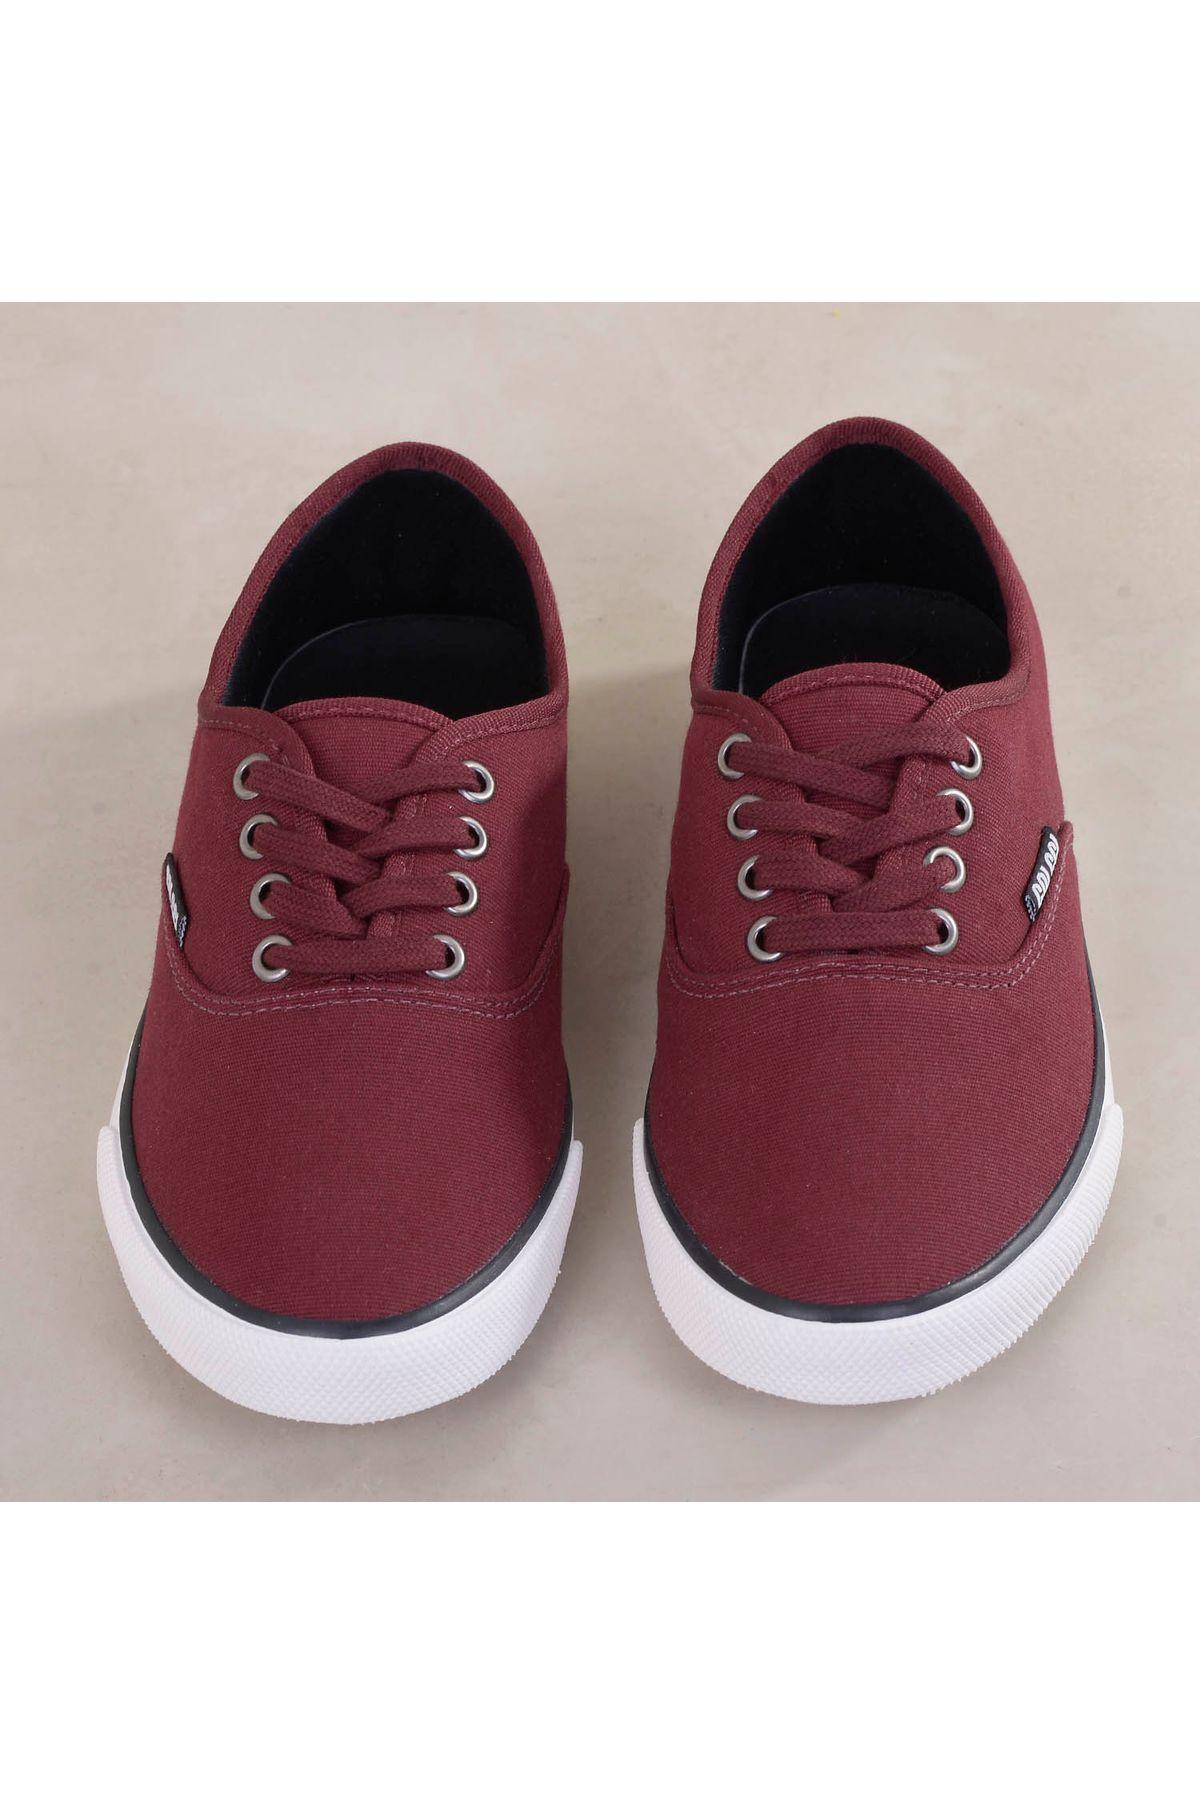 b46f4301b Tênis Colcci Ivete | Mundial Calçados - Mundial Calçados